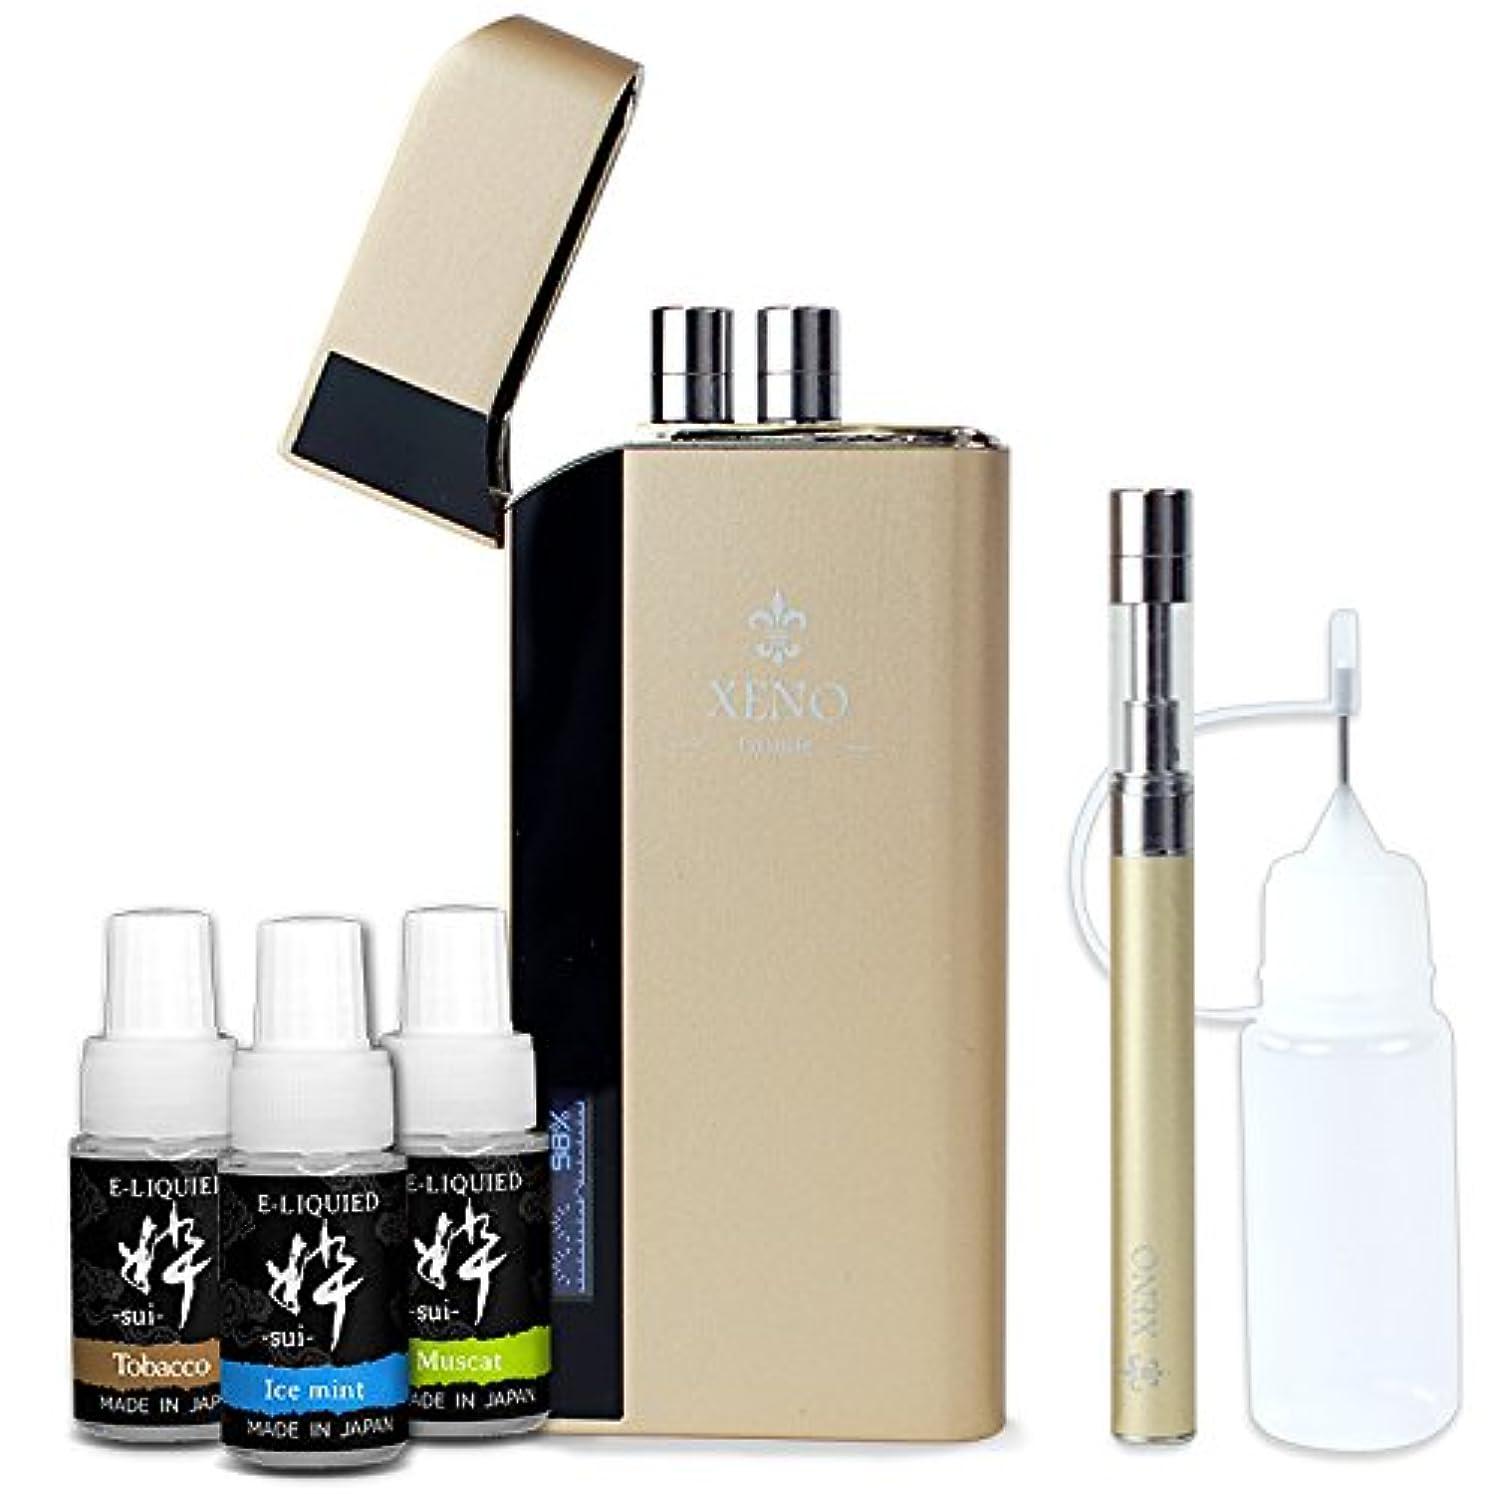 アコード北東自分のために電子タバコ XENO Giselle本体1本+国産リキッド粋3本+ニードルボトル (ゴールド) (ゴールド)